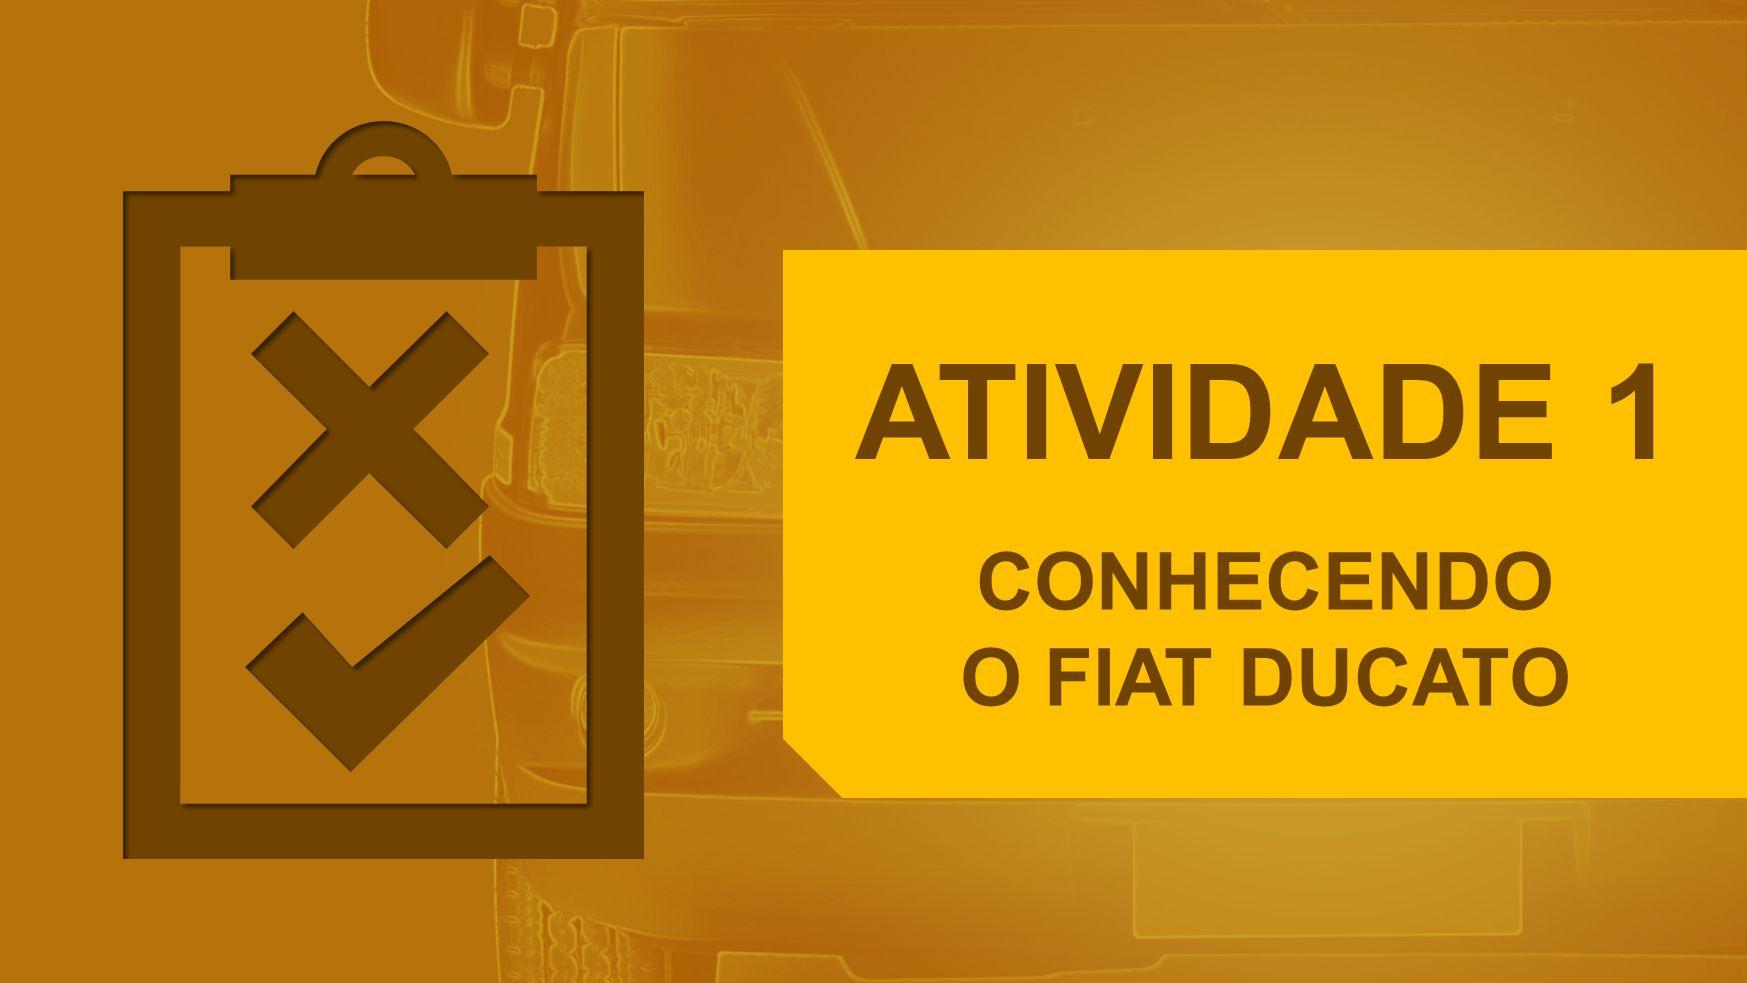 CONHECENDO O FIAT DUCATO